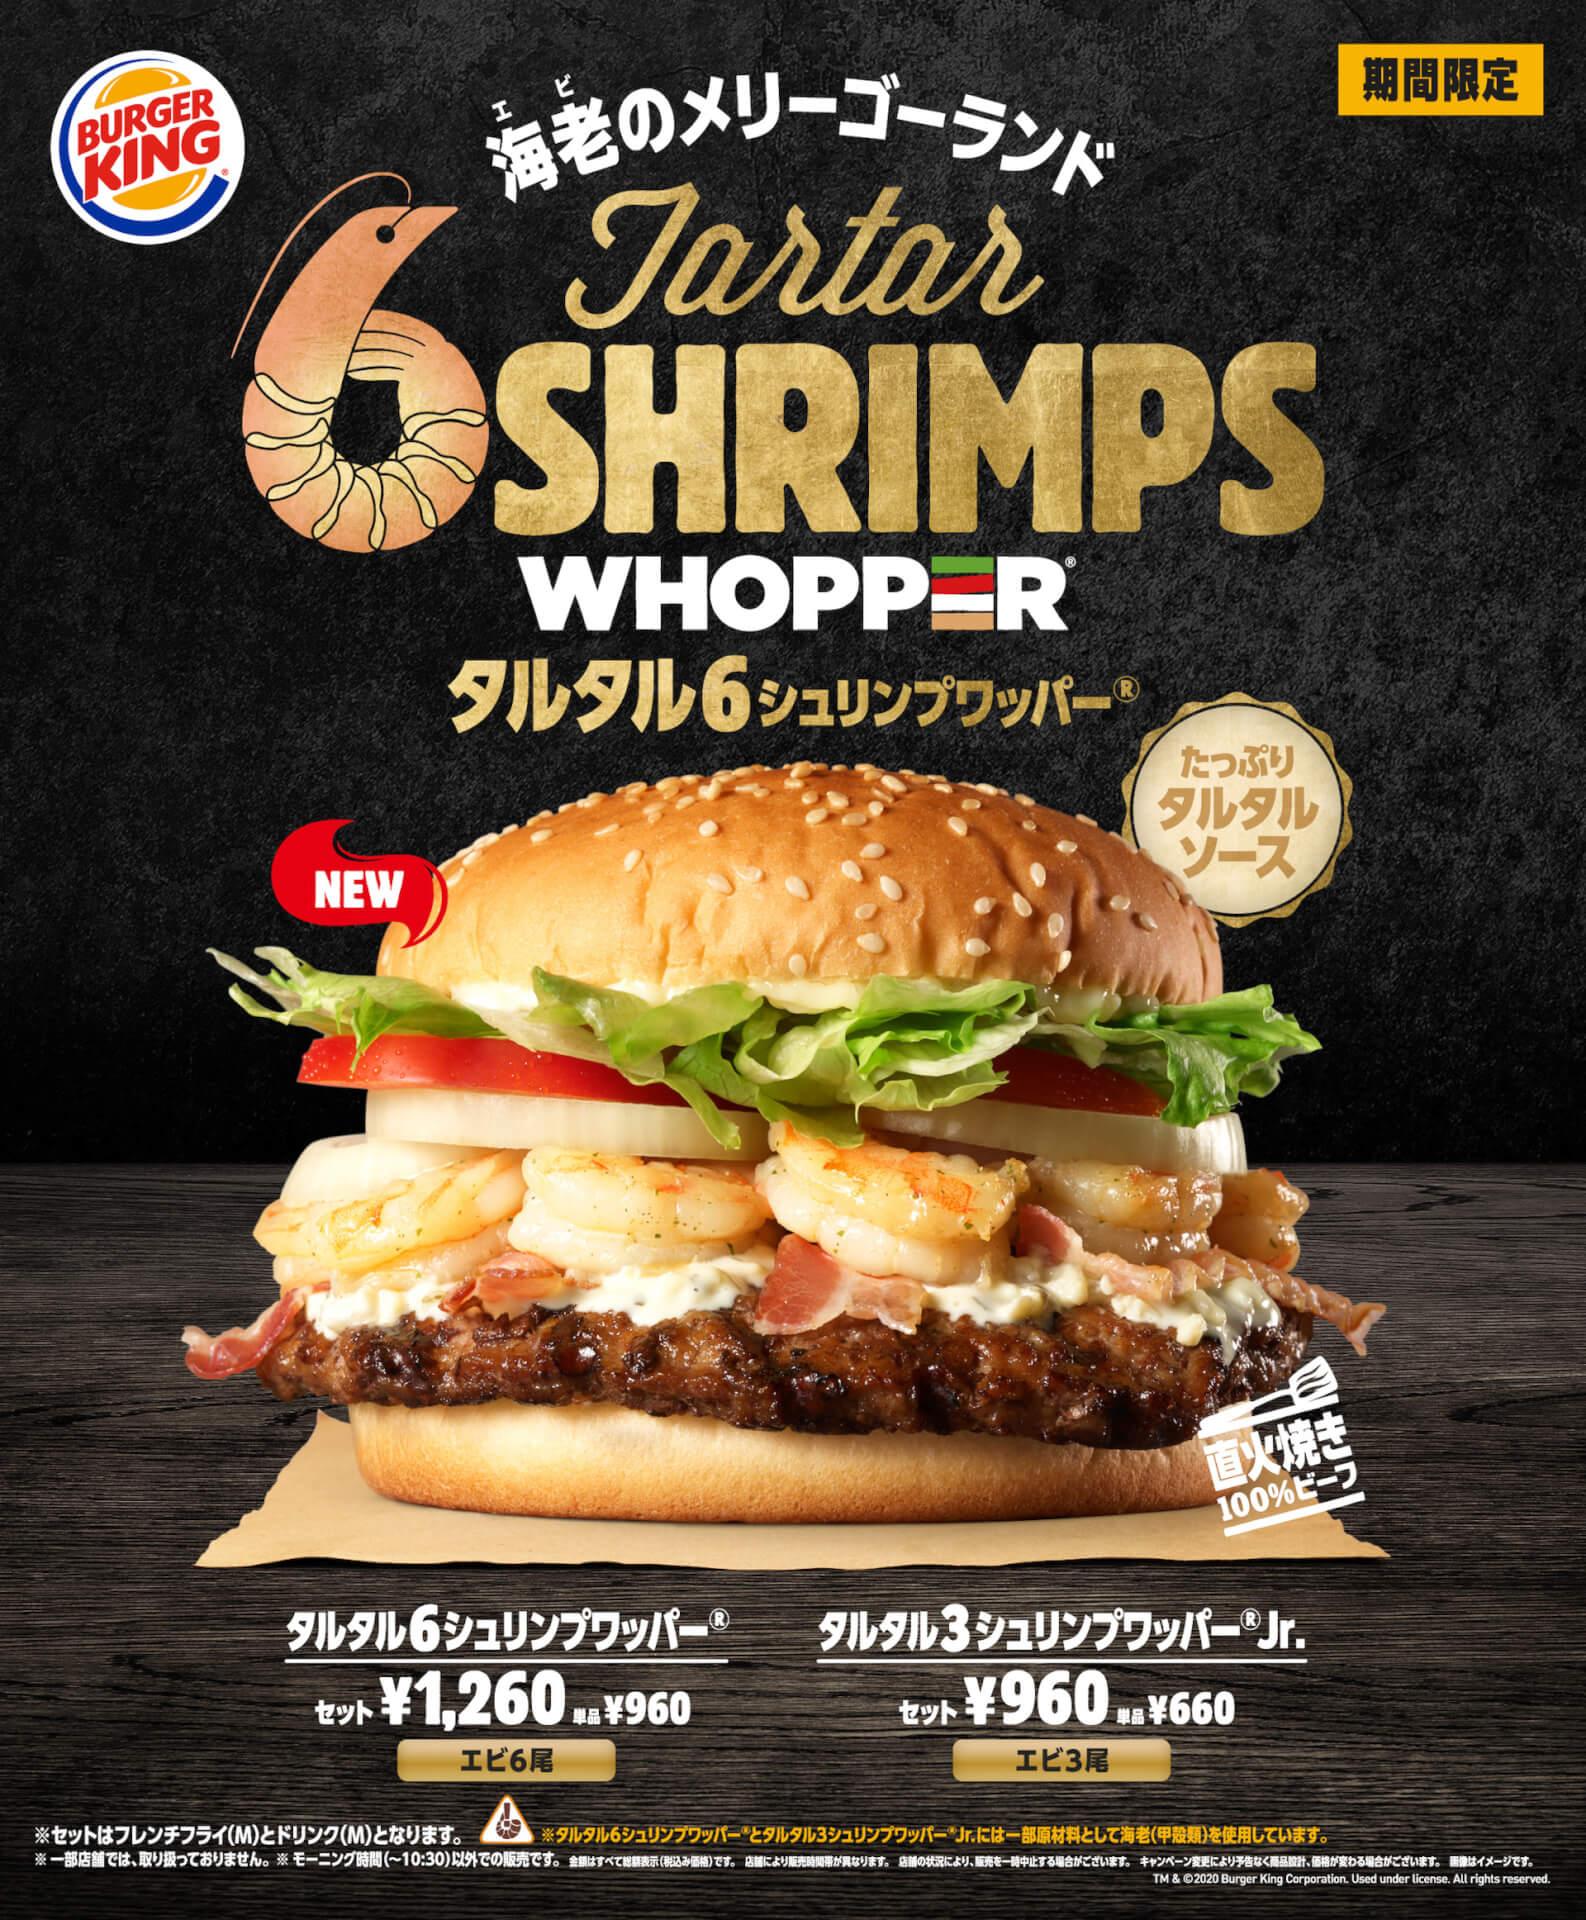 バーガーキングからビーフとガーリックシュリンプたっぷりの『タルタル6シュリンプワッパー(R)』が期間限定で登場! gourmet200716_burgerking_3